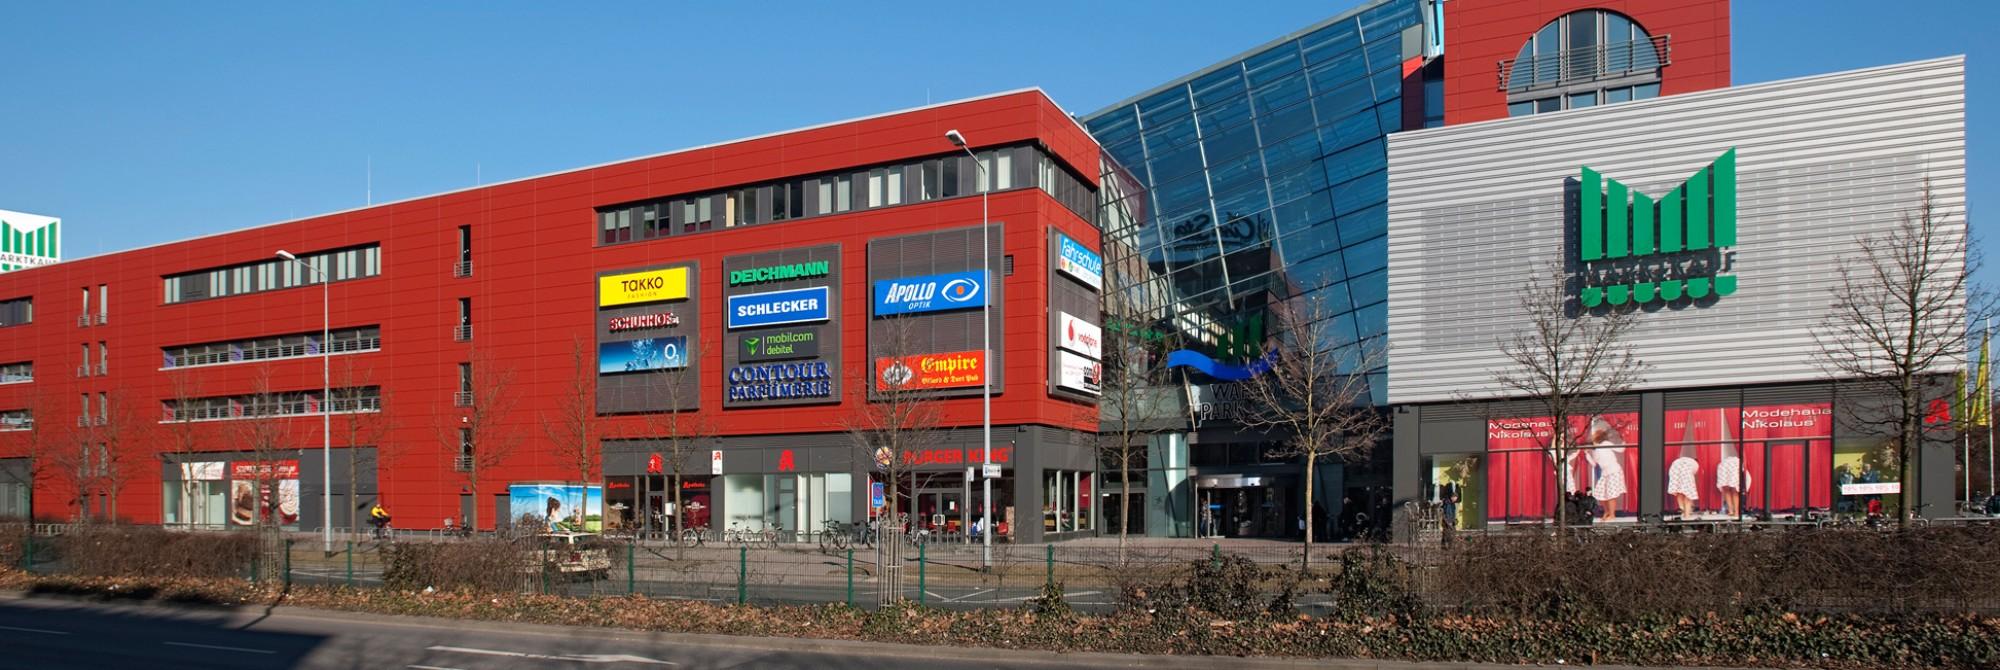 Neue Fassade für den Warnow Park Rostock